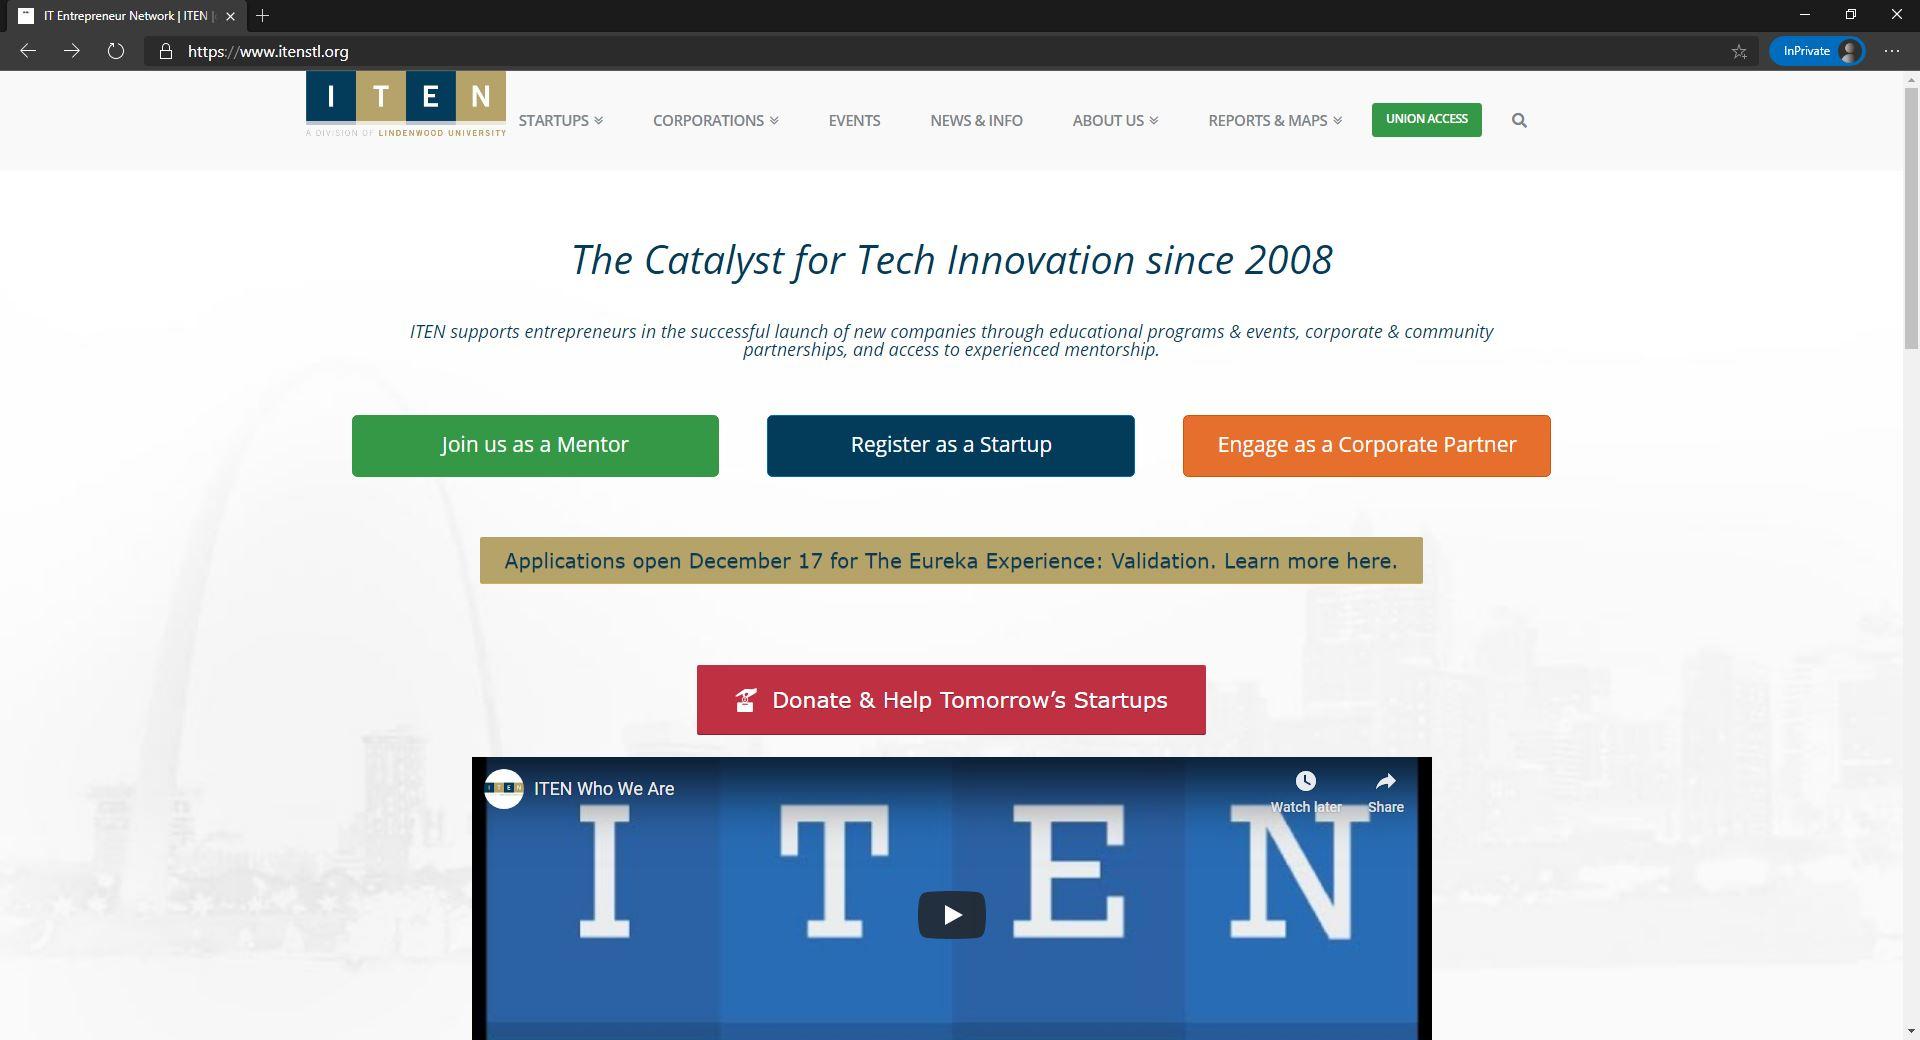 ITEN website homepage